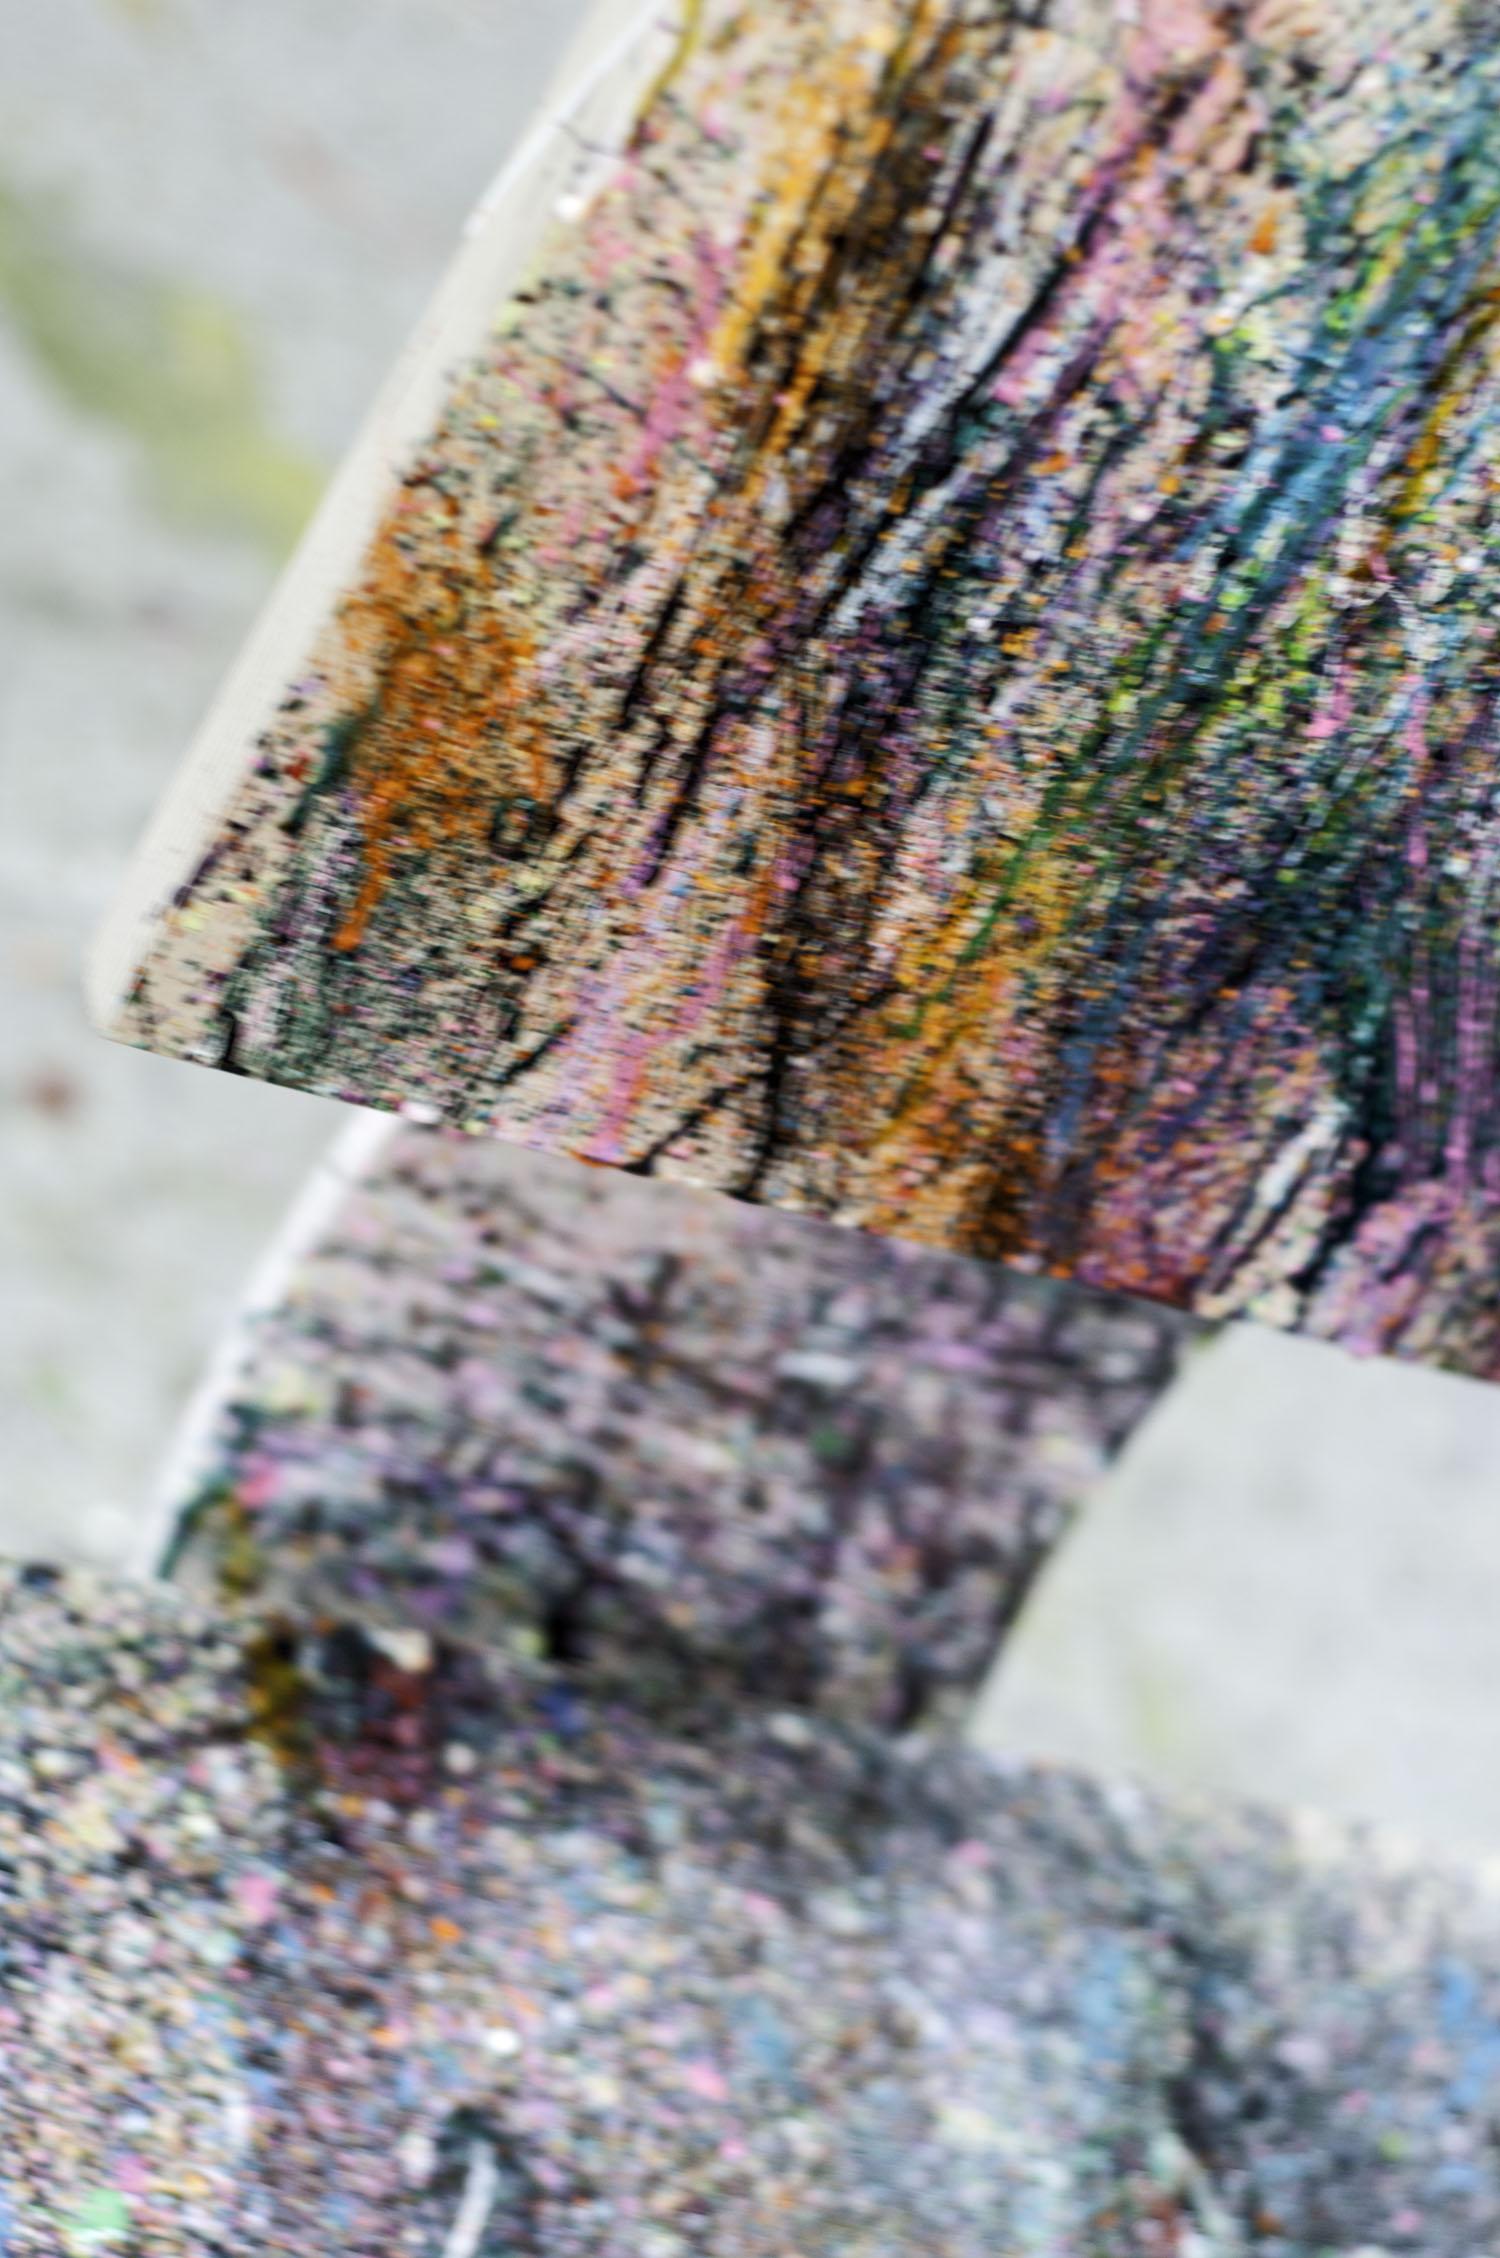 09_feb04_backrestdetail.jpg